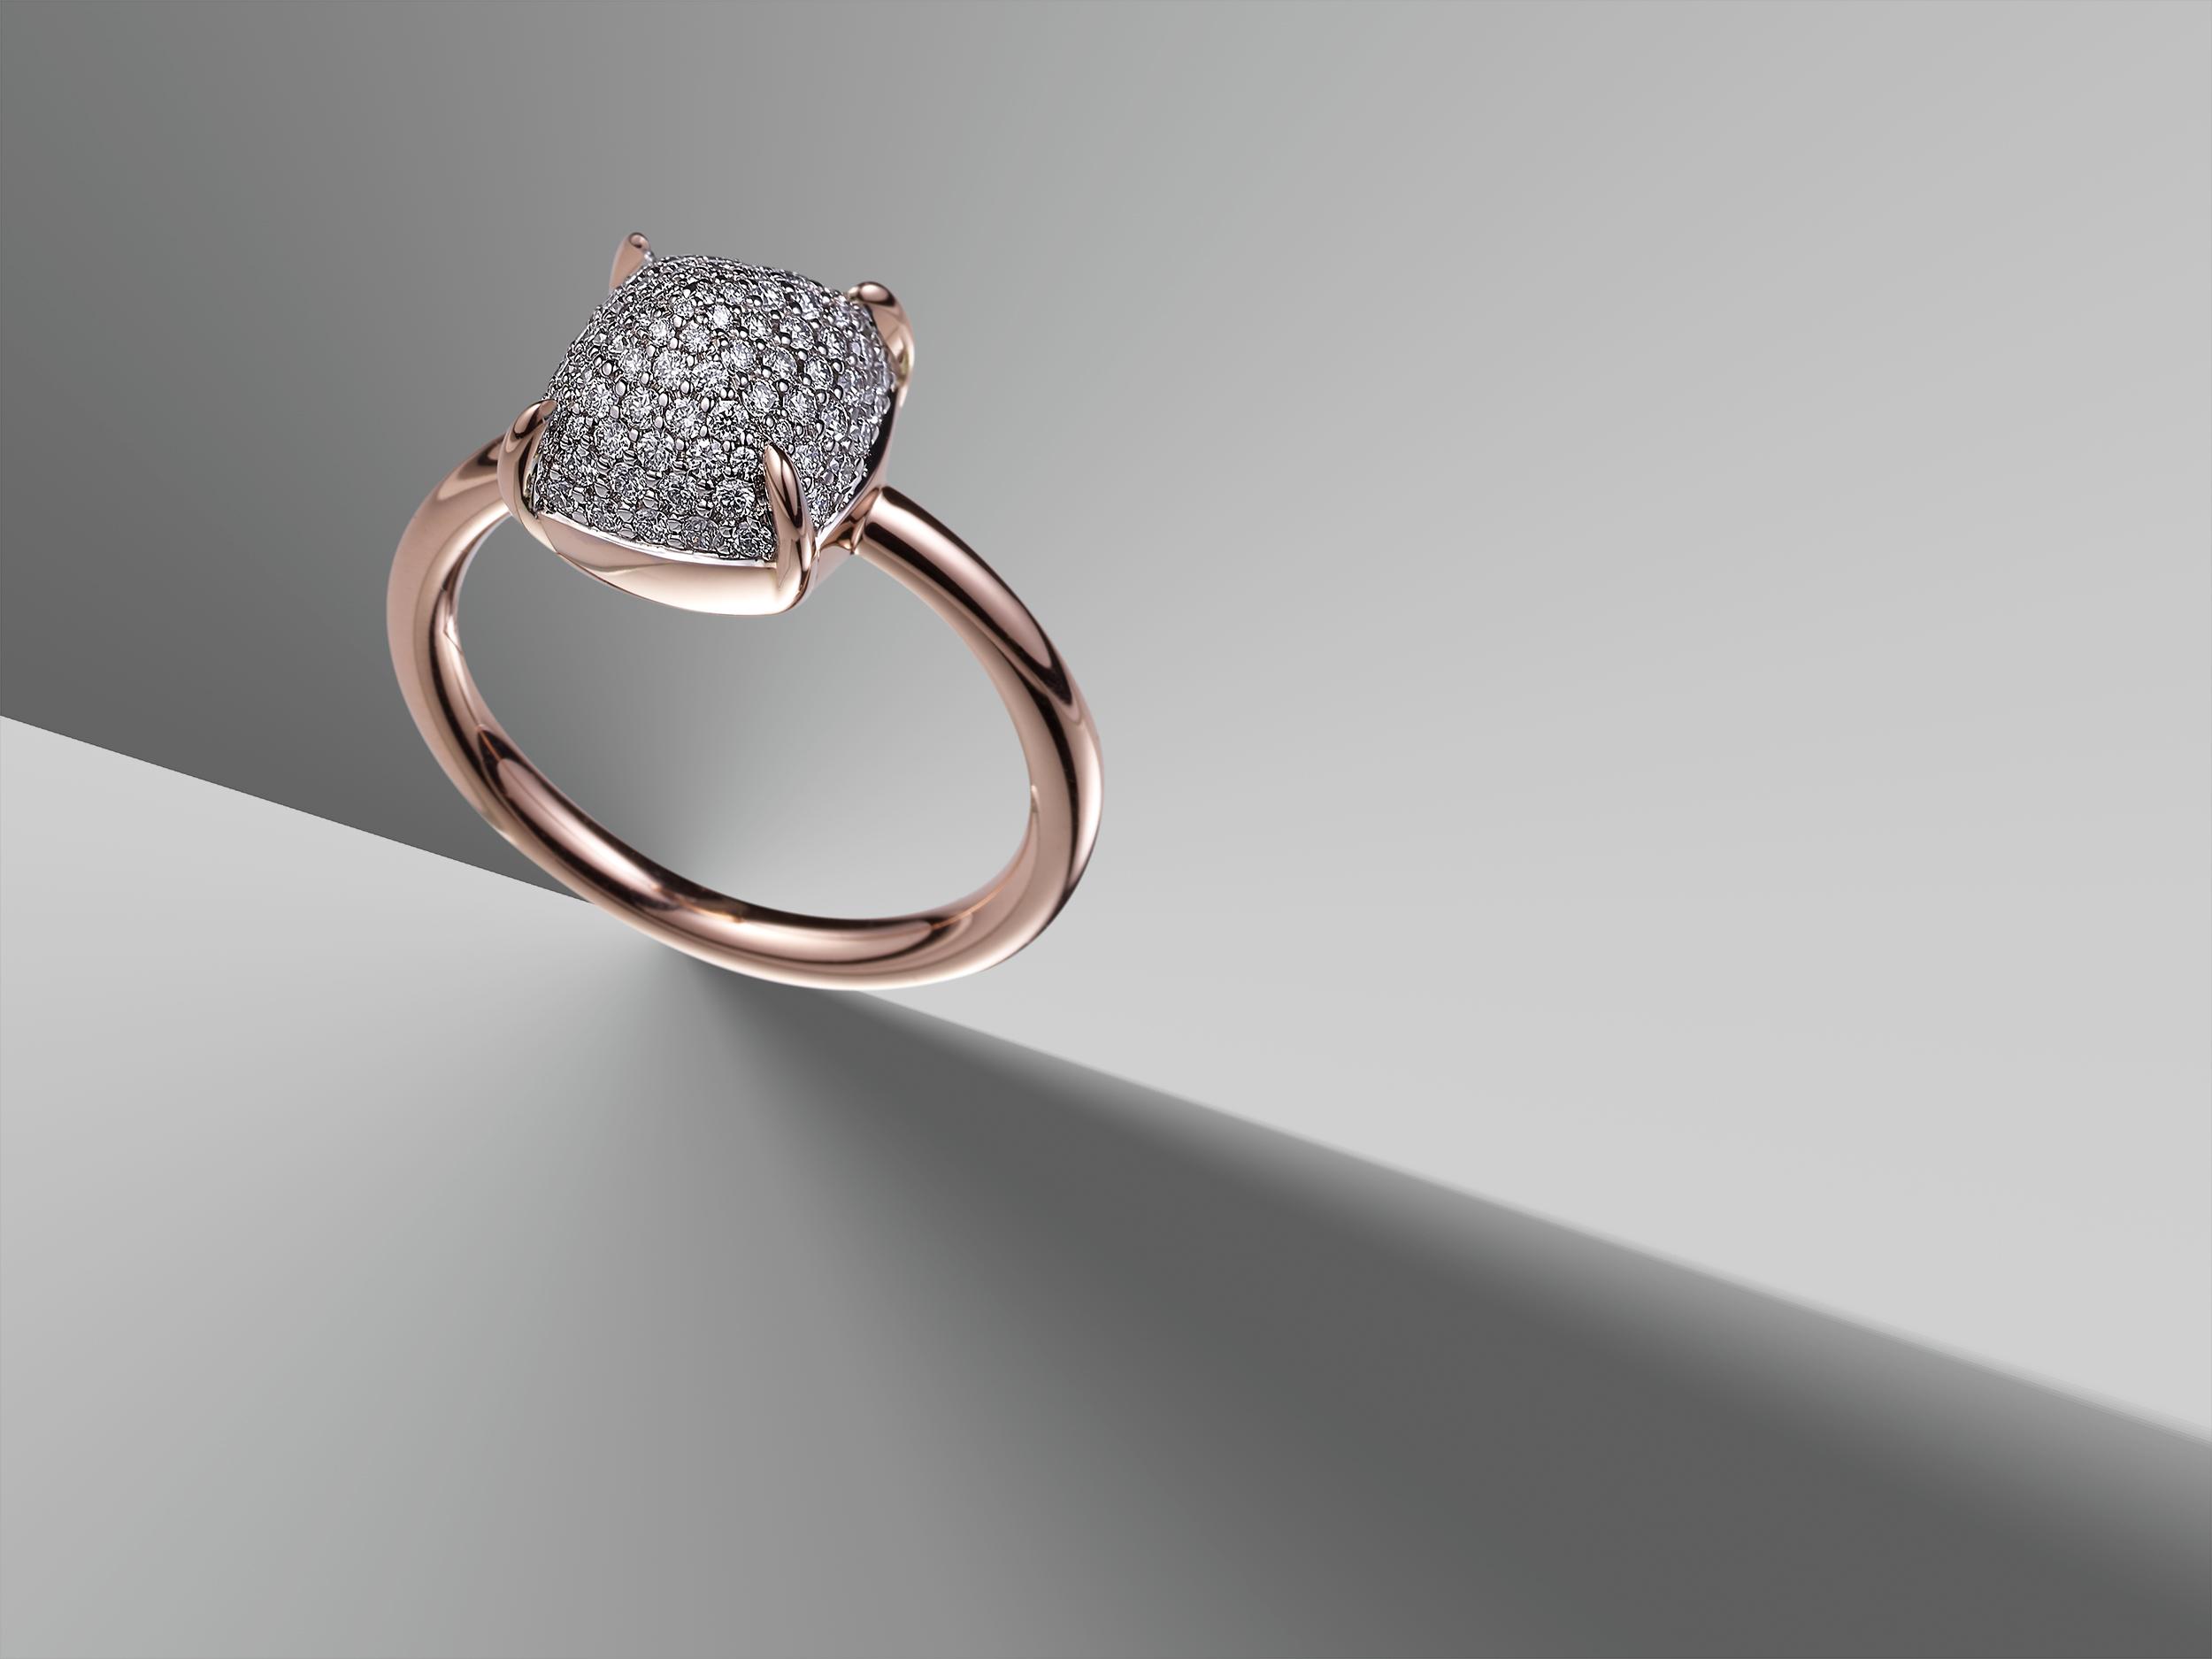 magnifique photo d'une bague or rose sertie de diamants